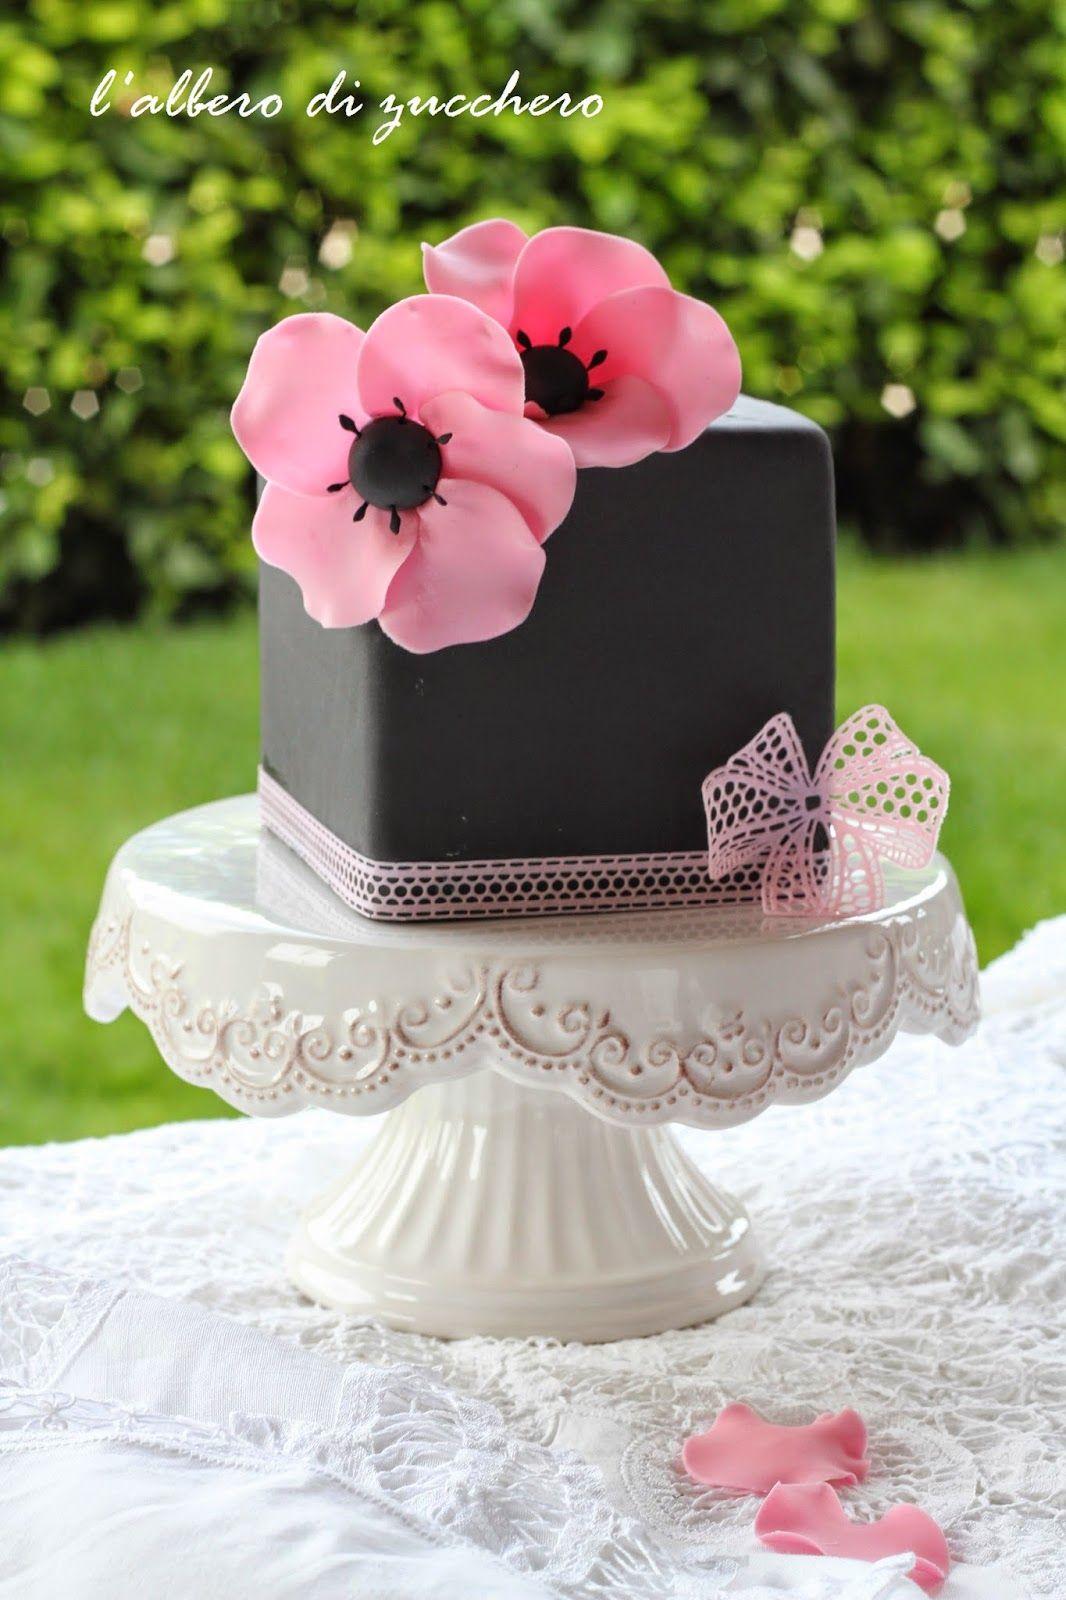 Black Pink Flowers Cake Dortiky Pinterest Cake Flower And Black